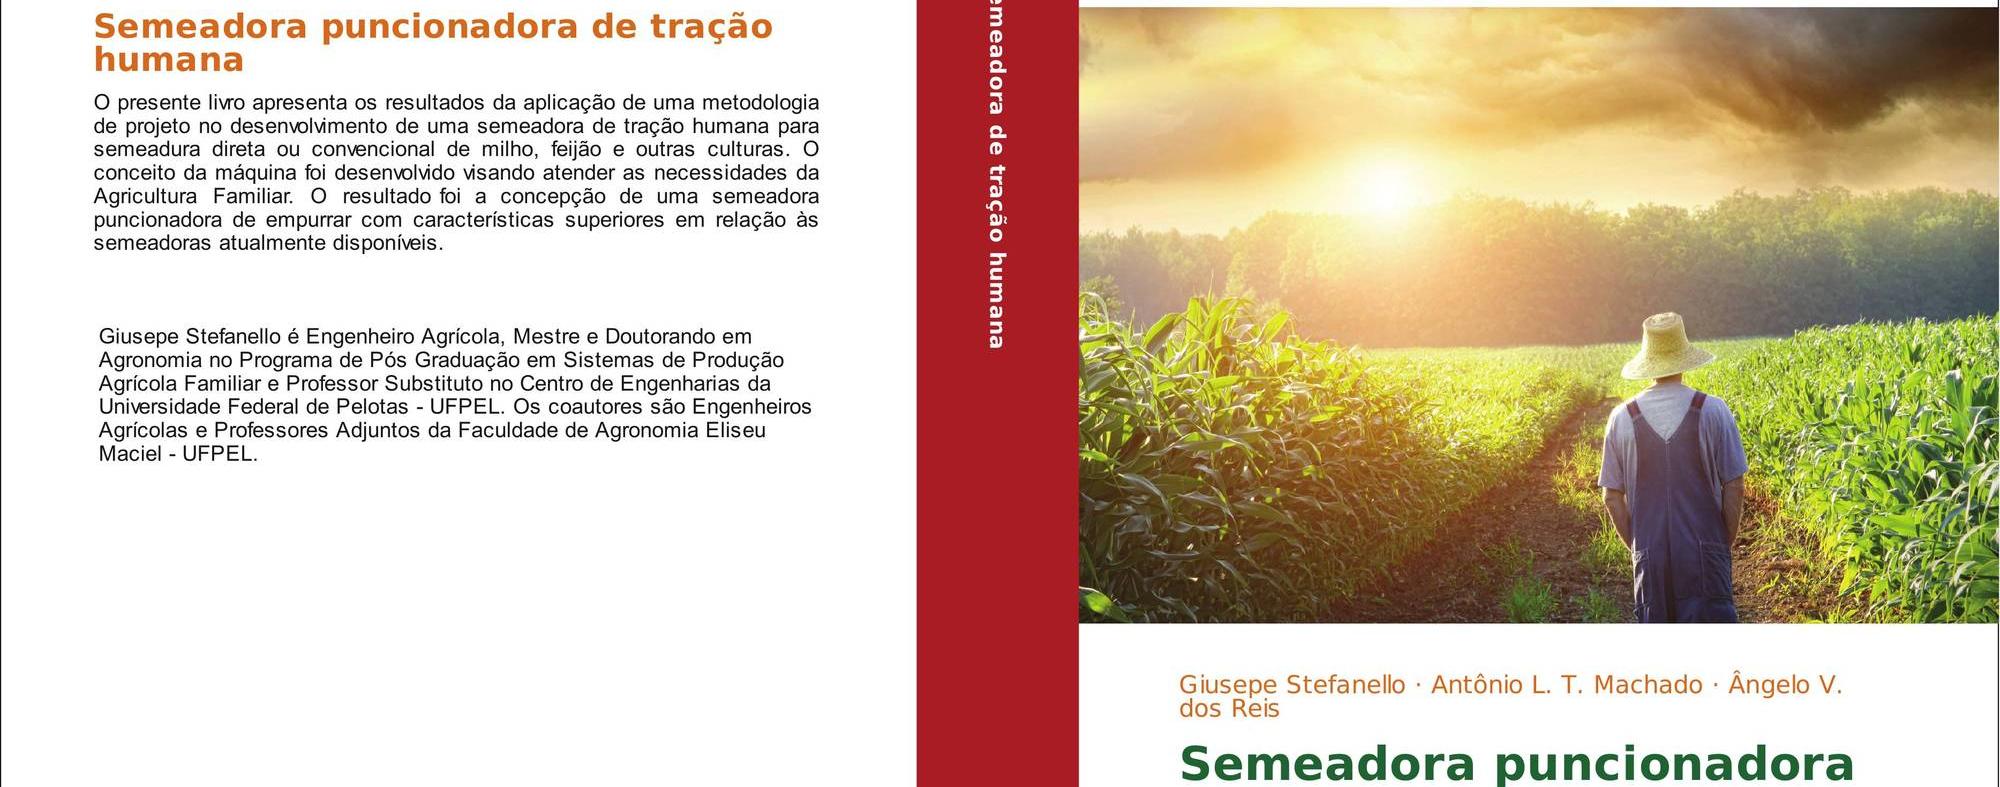 Equipe do NIMEq lança novo livro